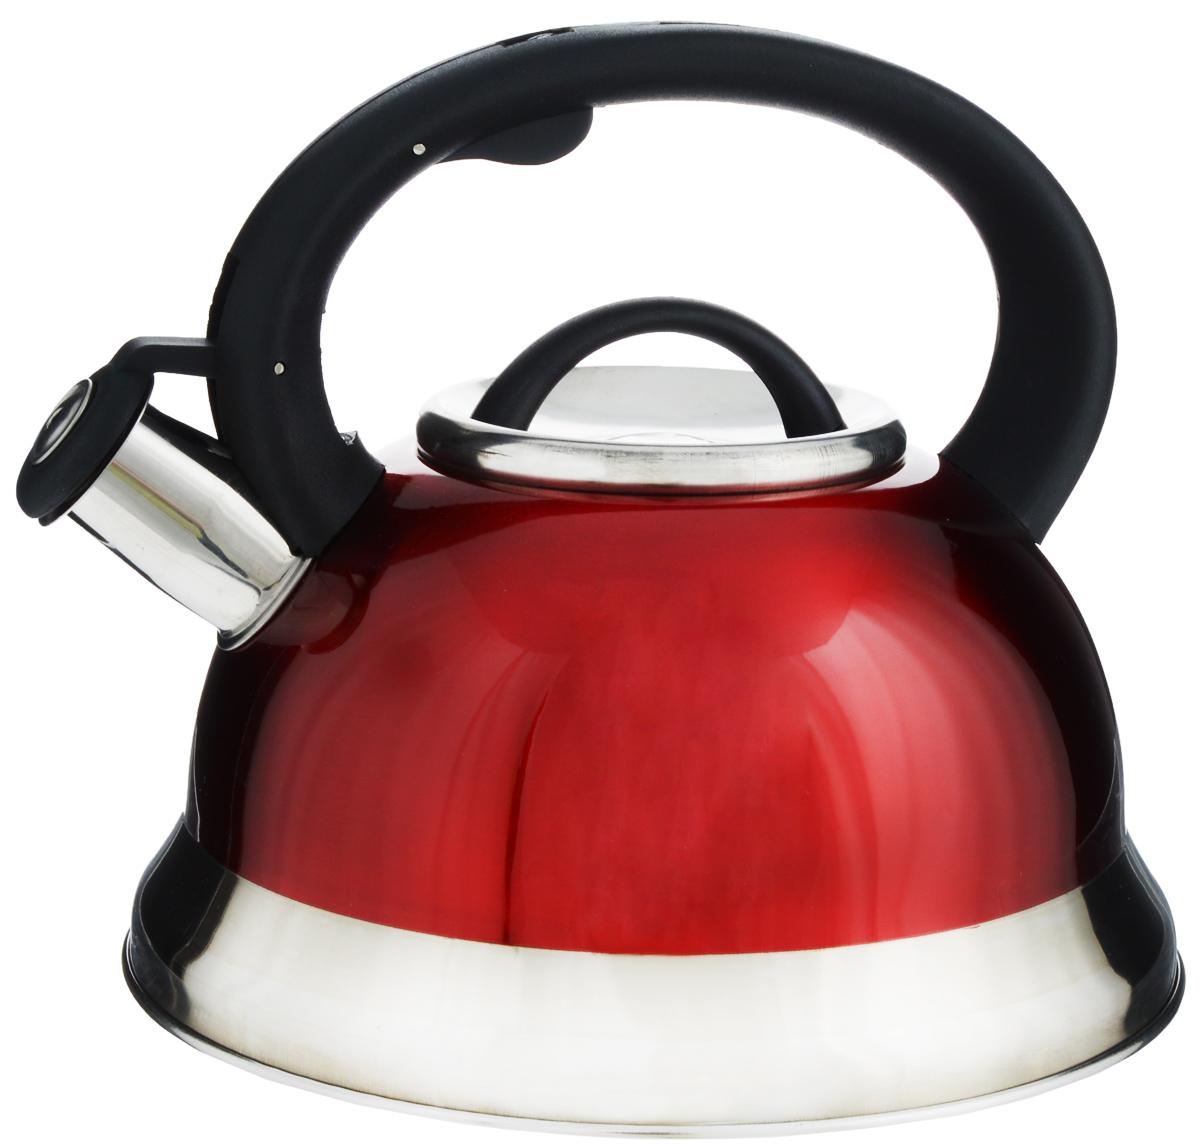 Чайник Mayer & Boch, со свистком, цвет: красный, черный, 3 л. 2574625746Чайник Mayer & Boch выполнен из долговечной и прочной нержавеющей стали, что делает его весьма гигиеничным и устойчивым к износу при длительном использовании. Гладкая и ровная поверхность существенно облегчает уход за посудой. Выполненный из качественных материалов, чайник при кипячении сохраняет все полезные свойства воды. Изделие оснащено свистком, благодаря которому вы можете не беспокоиться о том, что закипевшая вода зальет плиту. Как только вода закипит - свисток оповестит вас об этом. Фиксированная ручка, изготовленная из пластика, делает использование чайника очень удобным и безопасным.Подходит для всех типов плит, кроме индукционных. Можно мыть в посудомоечной машине.Высота чайника (с учетом ручки и крышки): 20 см. Диаметр основания: 22 см.Диаметр (по верхнему краю): 10 см.